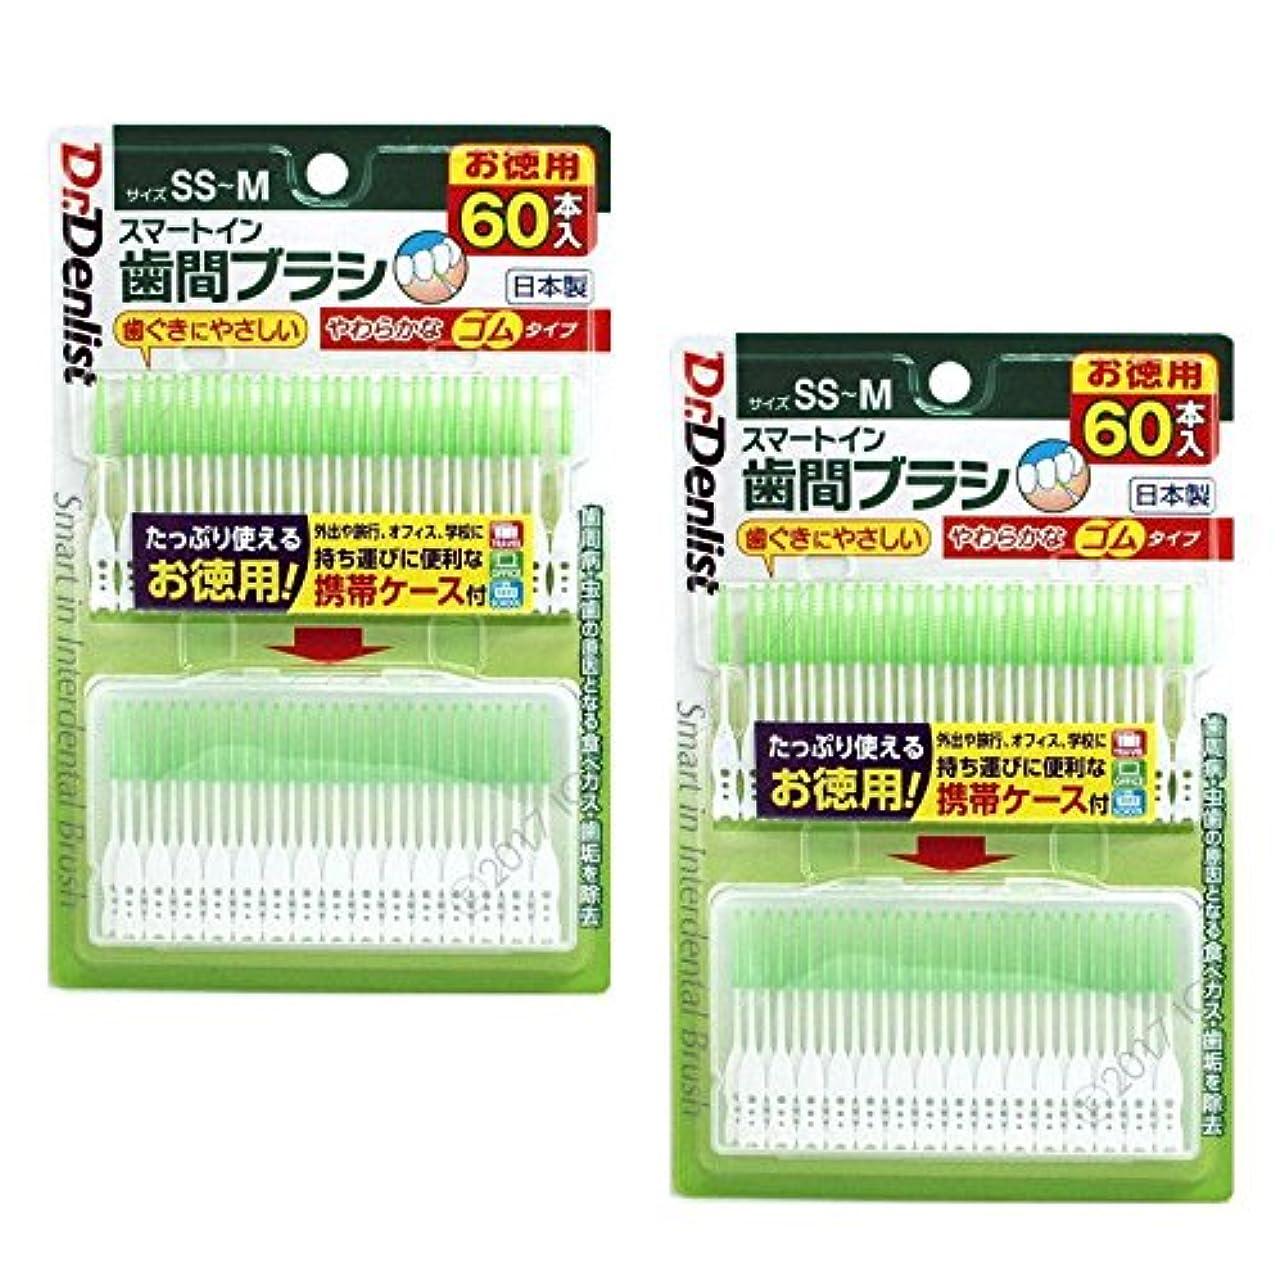 知人入手します名声歯間ブラシ スマートイン 60本×2個(計120本) お徳用 やわらかなゴムタイプ